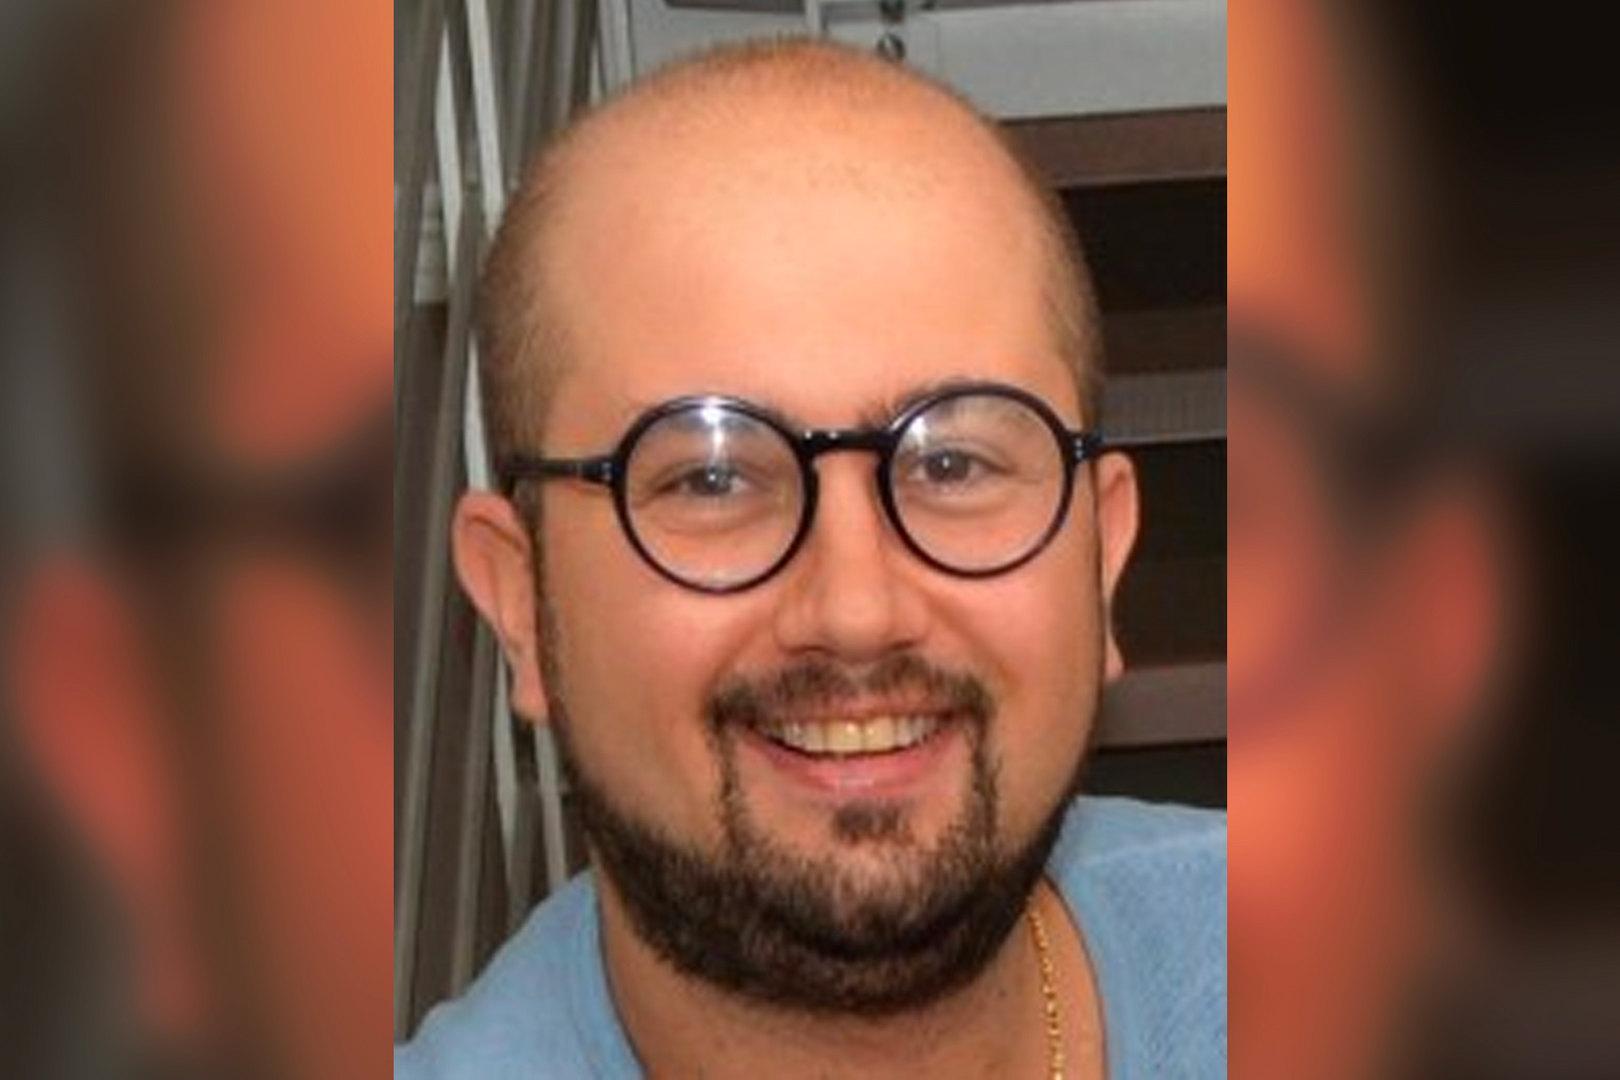 Коронавирус вИталии: врач рассказал шокирующую правду